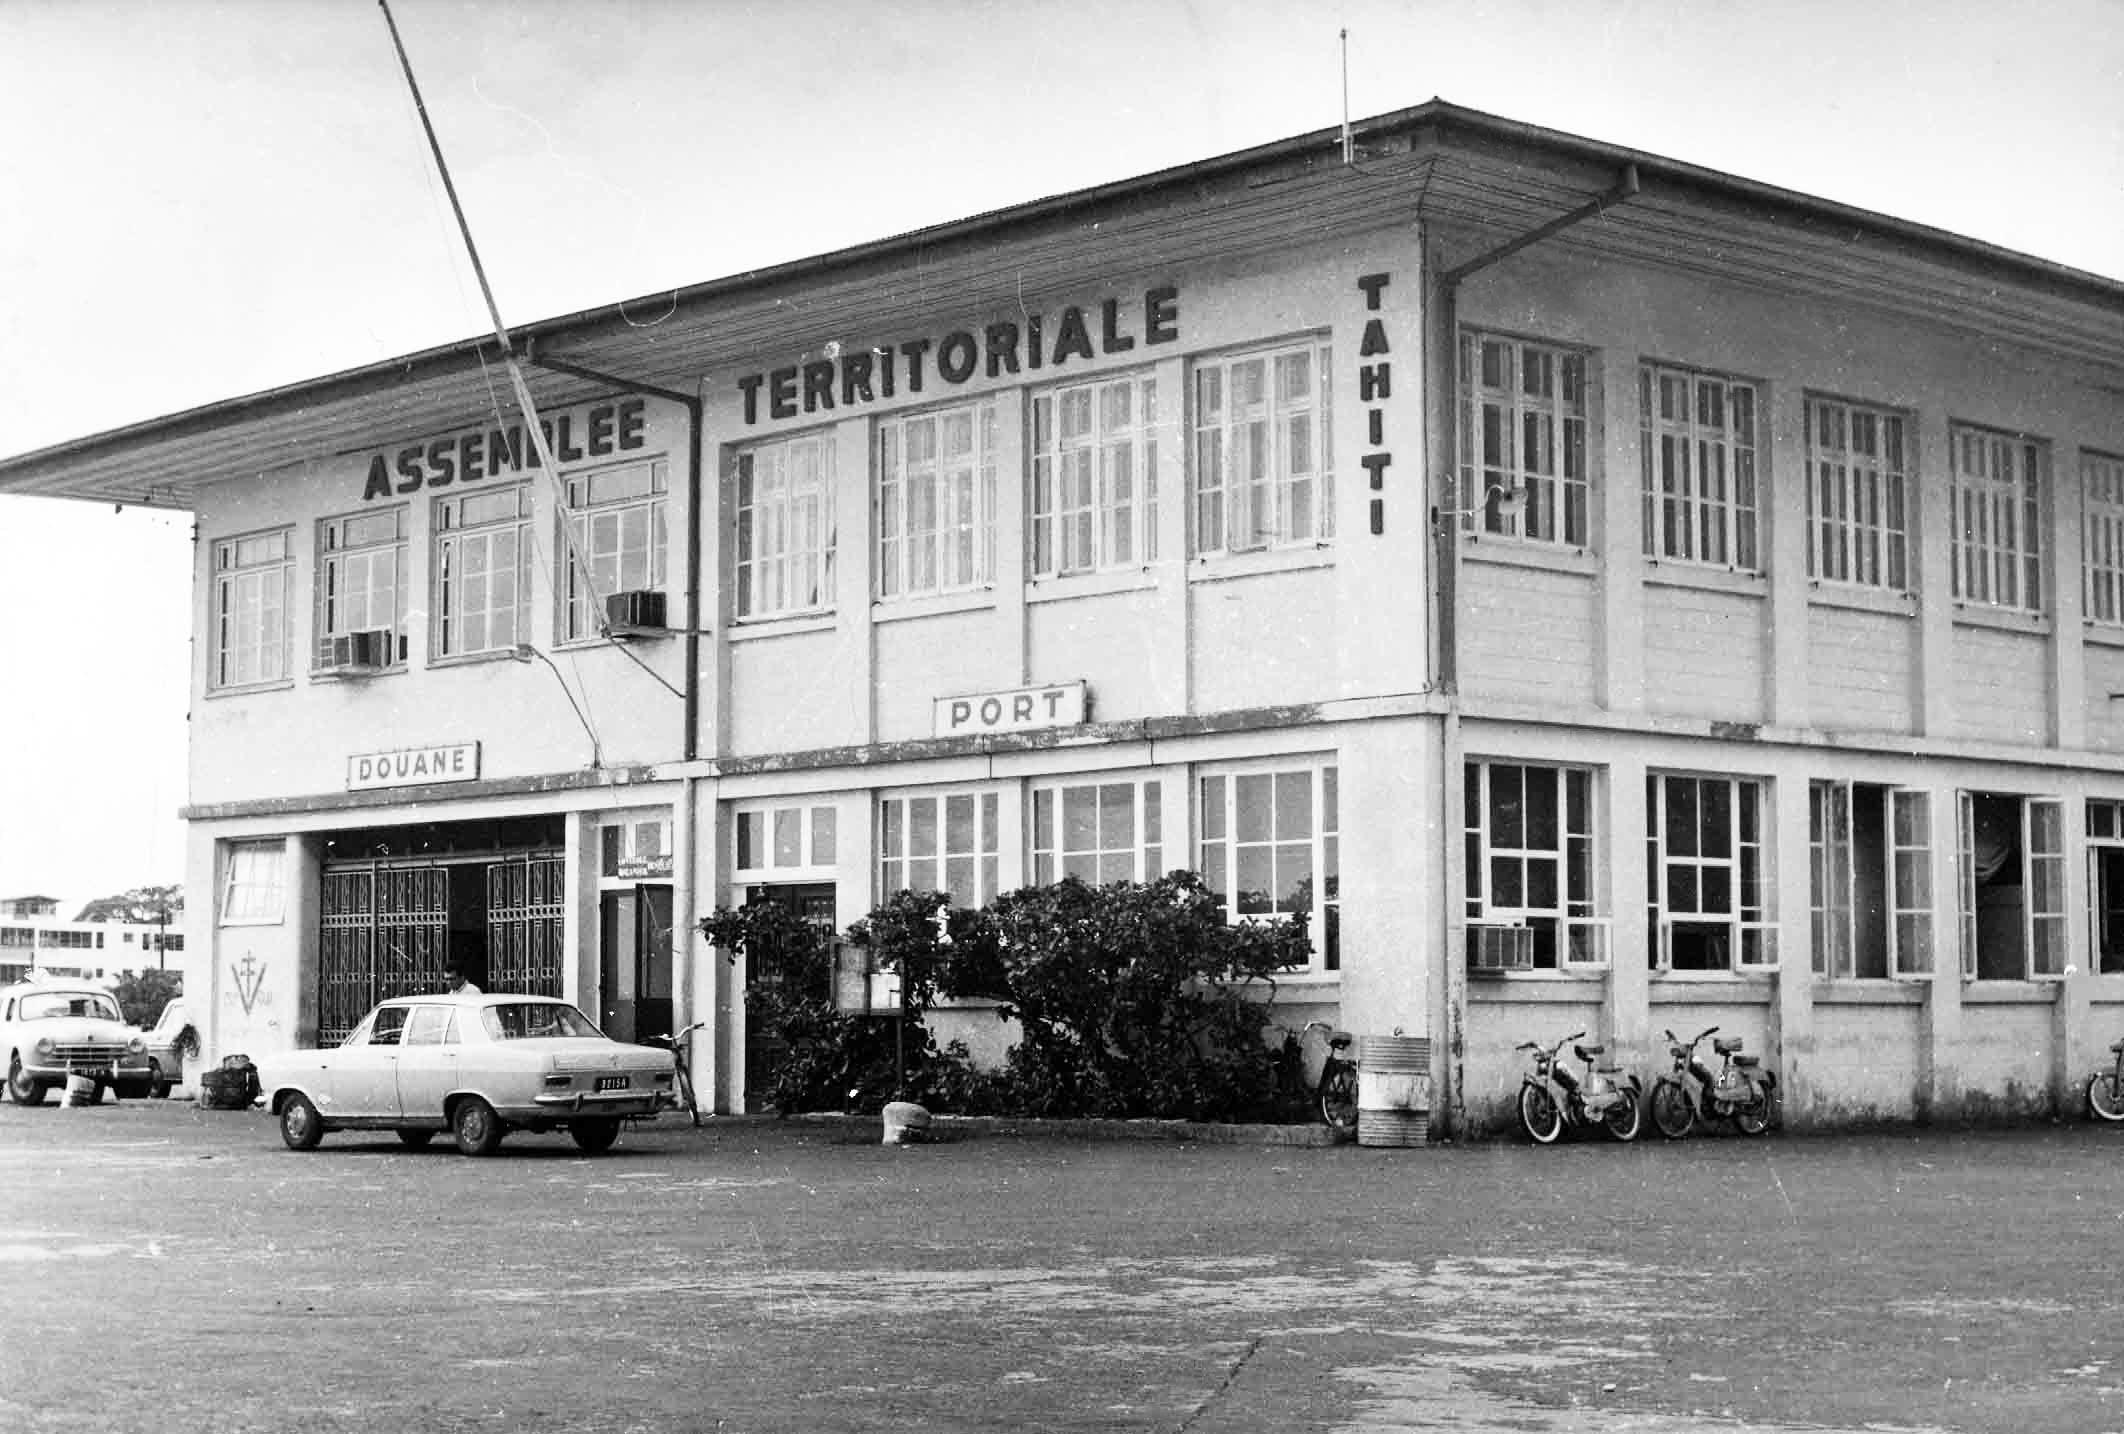 L'Assemblée-Territoriale en 1957. Fonds Mottet